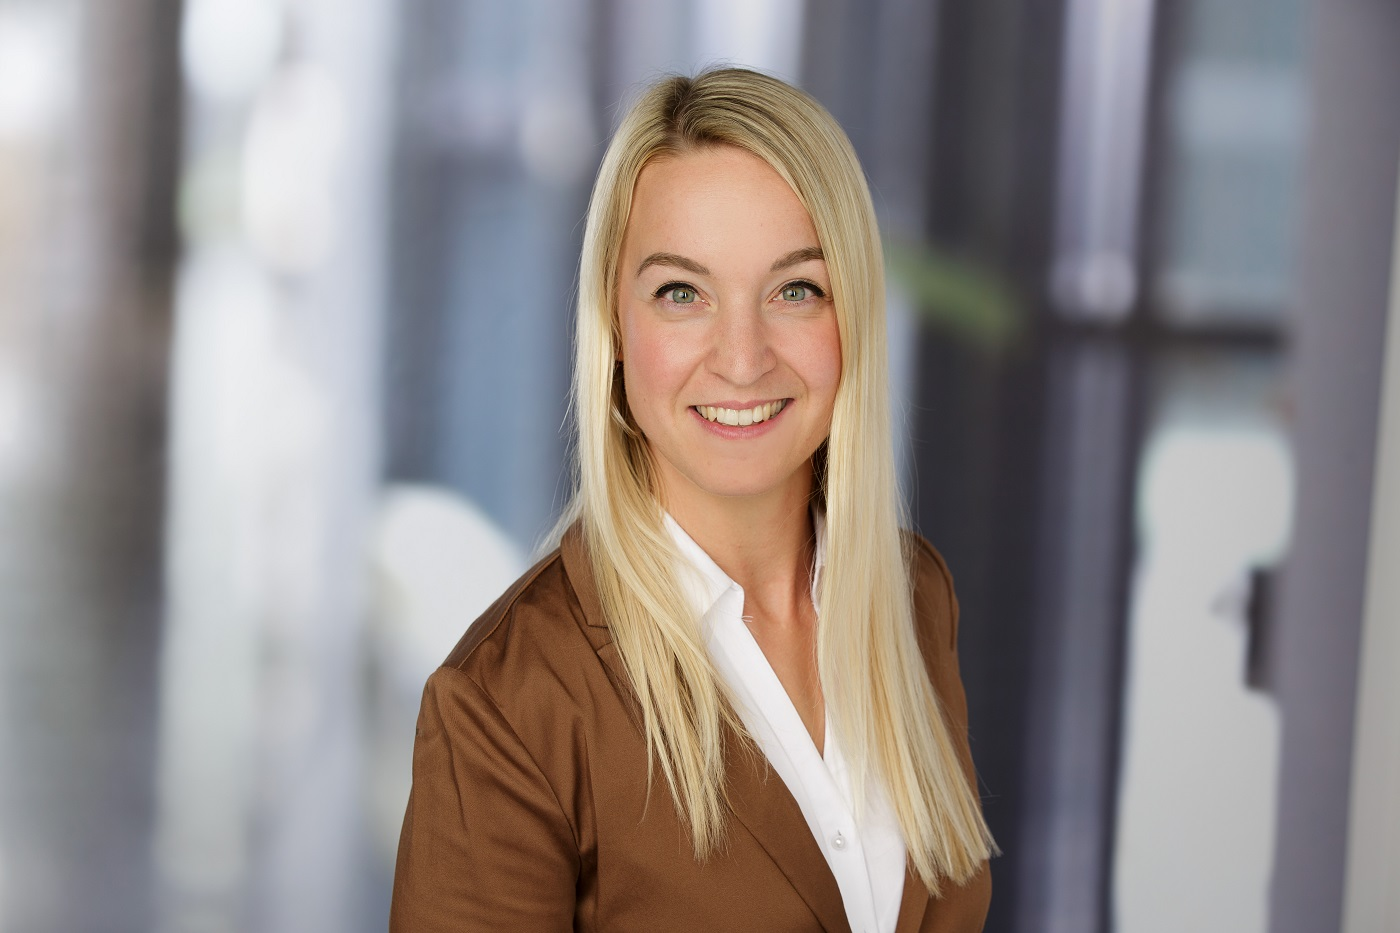 Stefanie Ernährungsoptimierung und Diätassistentin